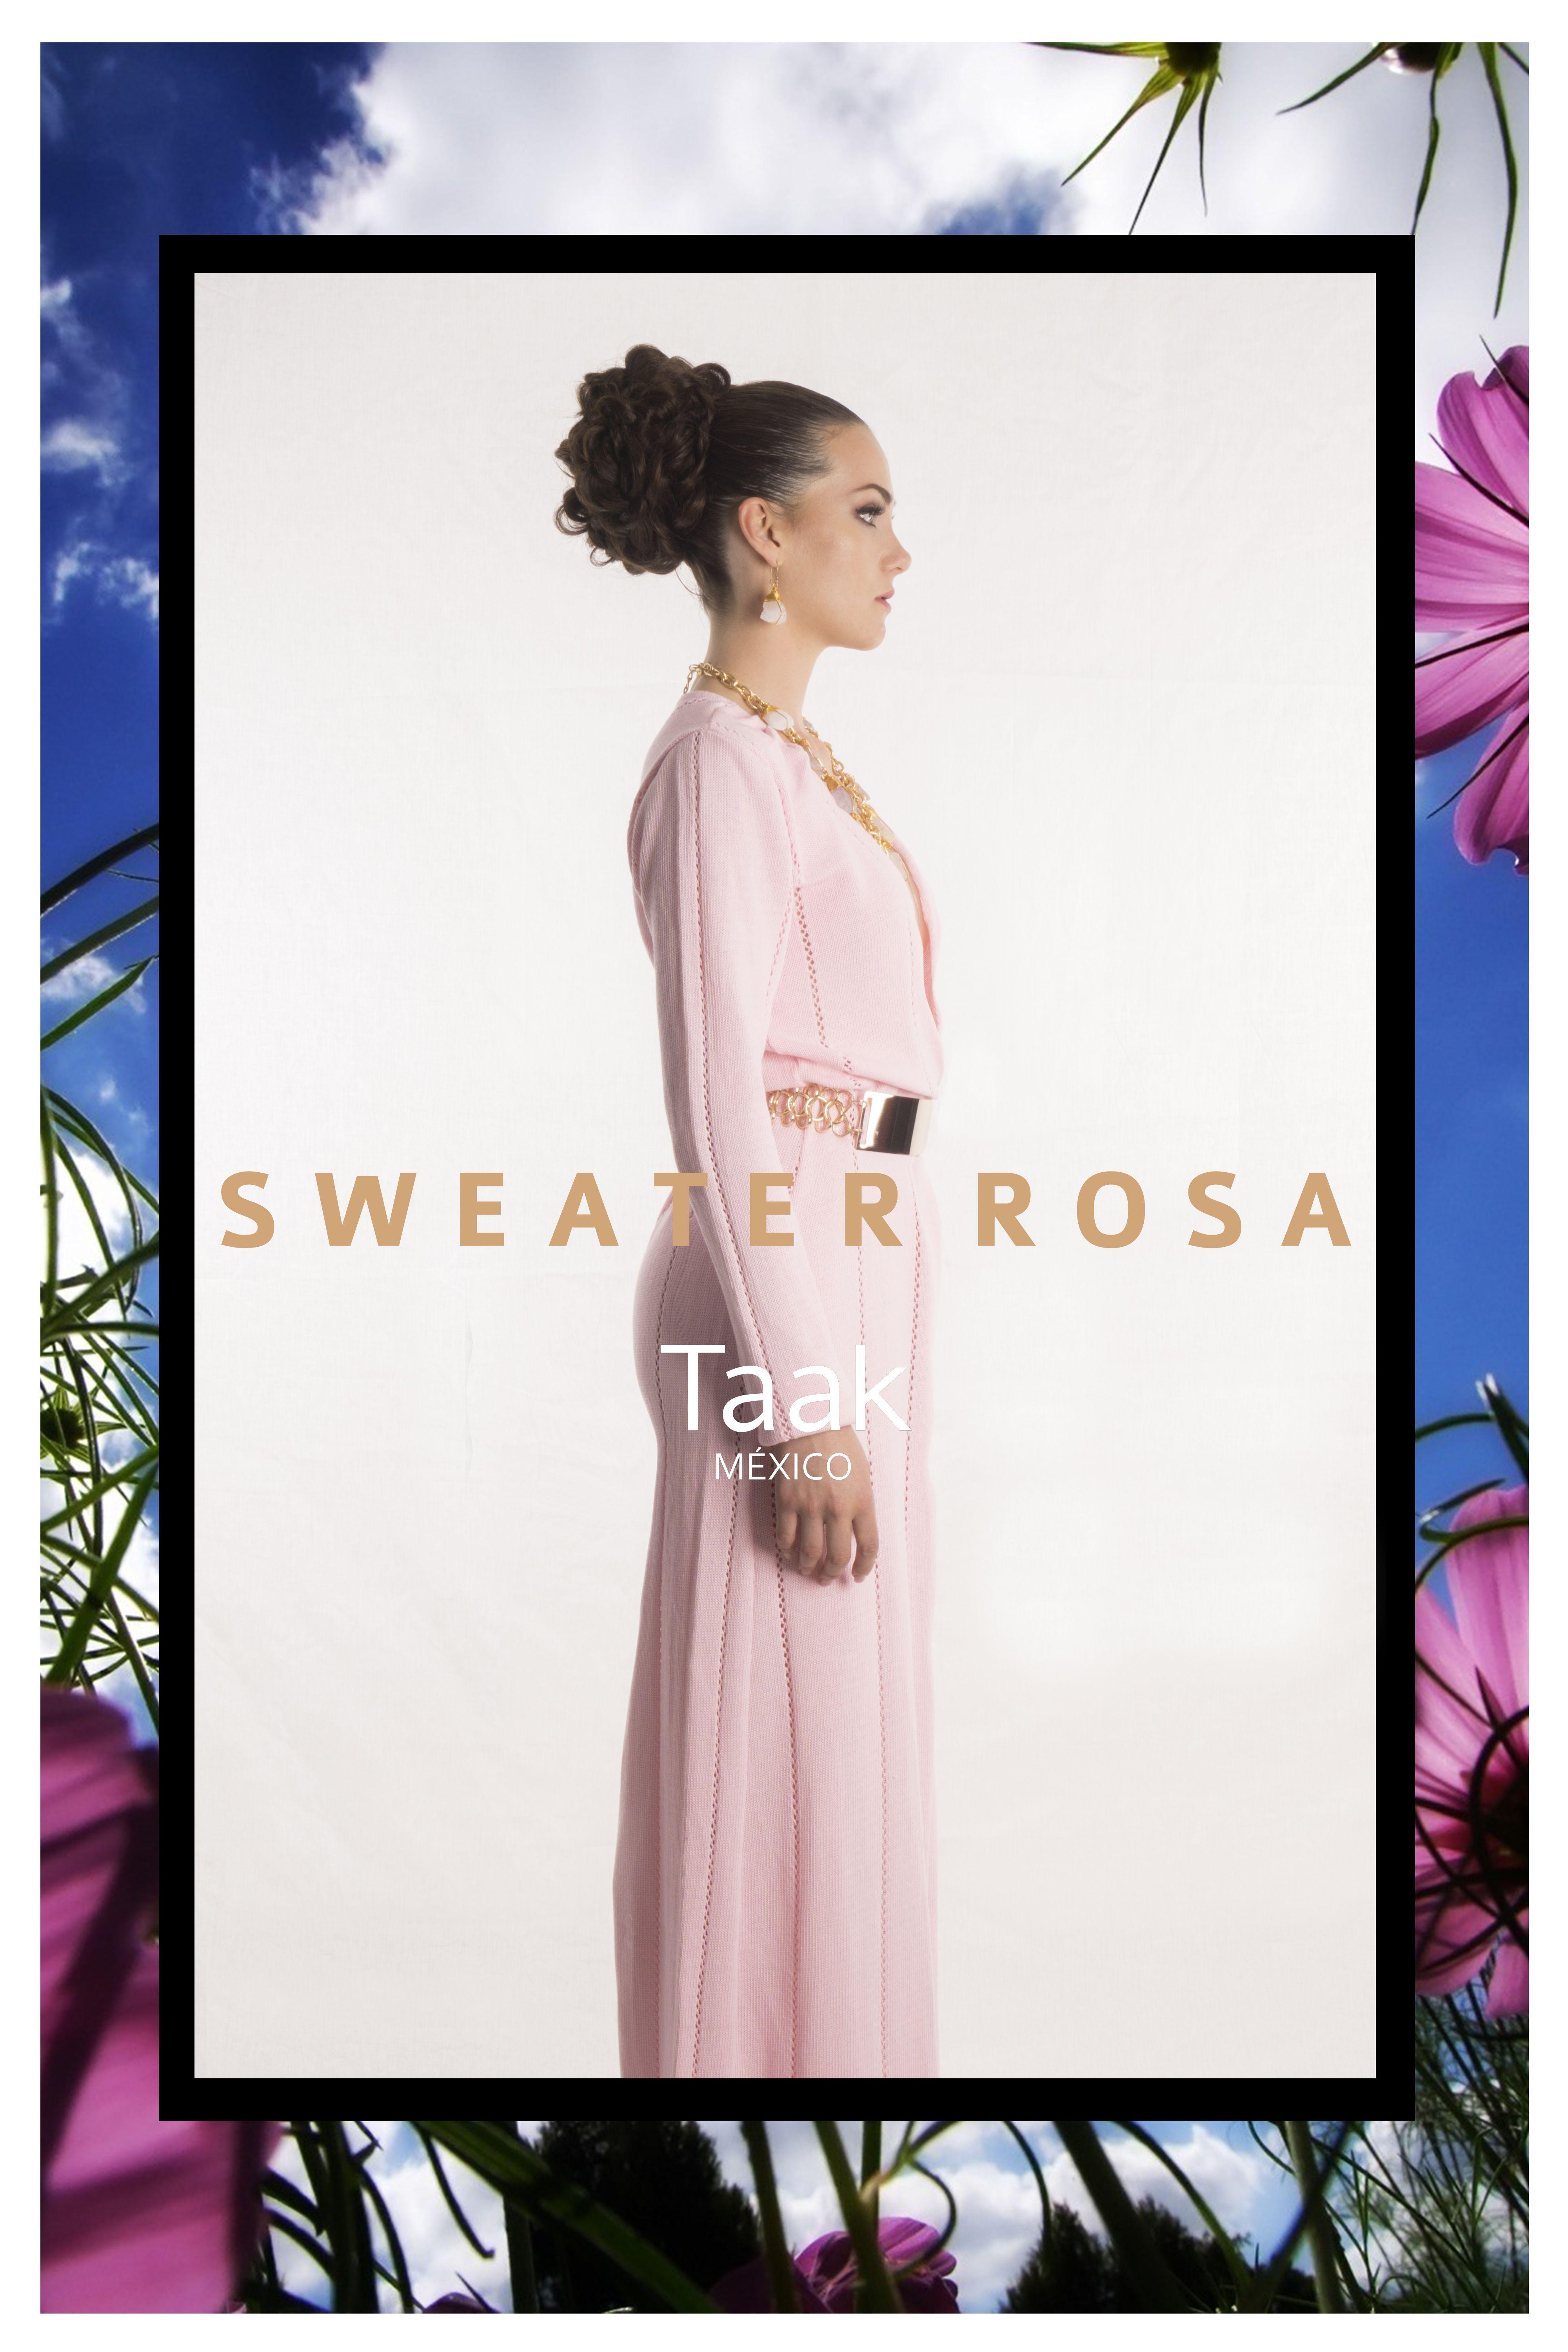 Pieza de la colección 16-17 #Radikal by #taakmx Sweater largo en tejido de punto: Sofisticado; Ligero, Artesanal y Contemporaneo. Tu segunda piel  #teamtaak #taakmx #moda #hechoamano #madetomeasure #belleza #talentomexicano #talento#estilo #style #mexico #tradicion #hidalgo #womenswear #office #smart #smartcasual twitter.com/... www.instagram.com... www.facebook.com/... www.taakstyle.com/